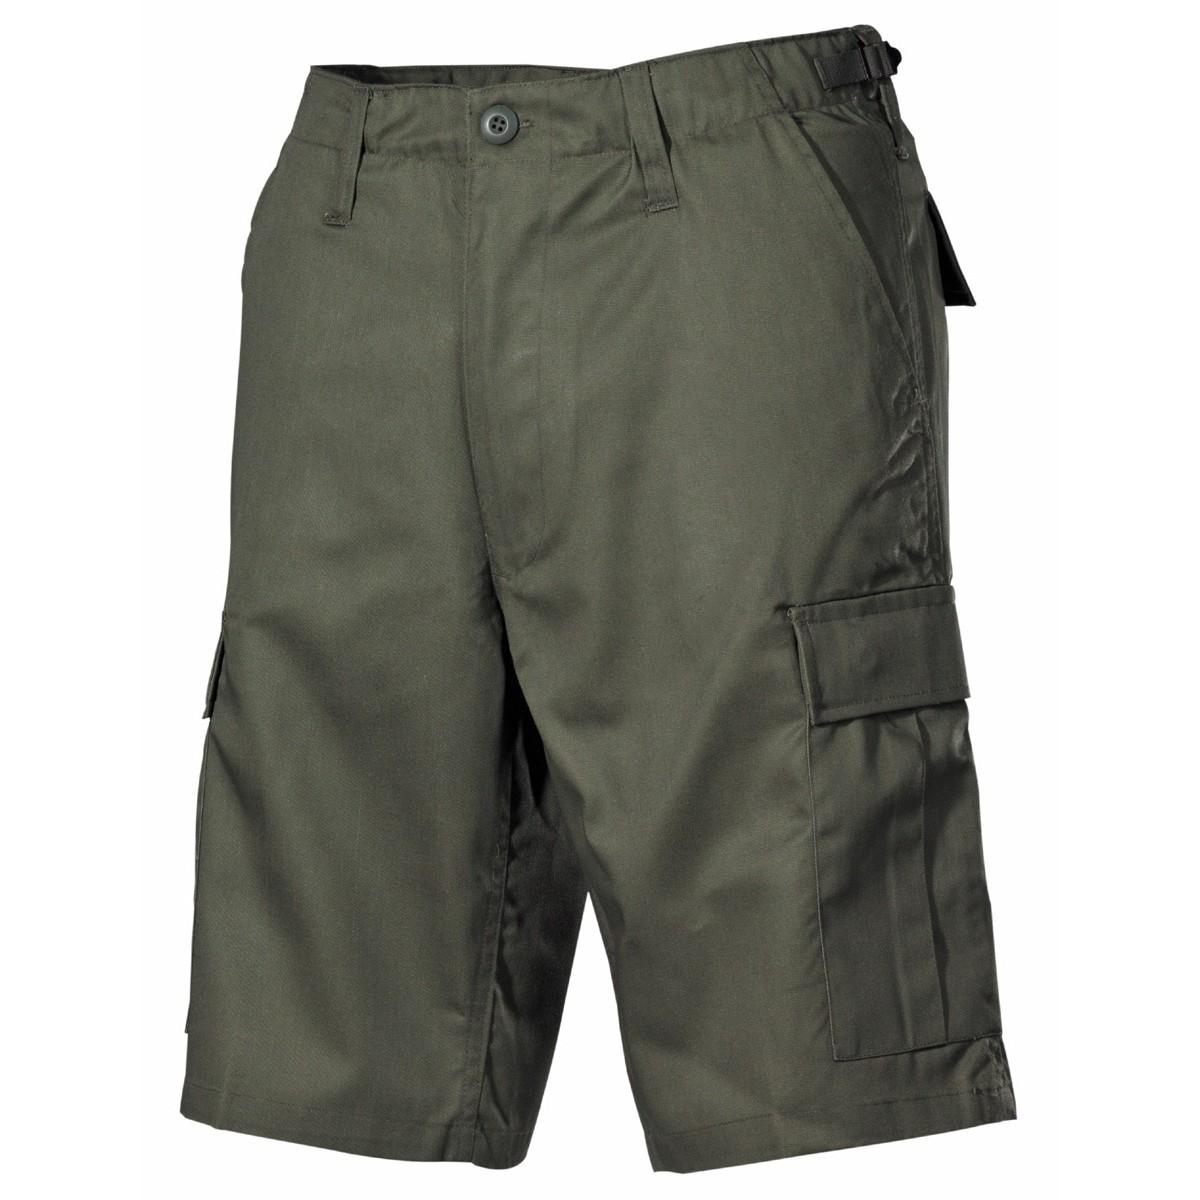 Army Shorts - Oliv (US-BDU)